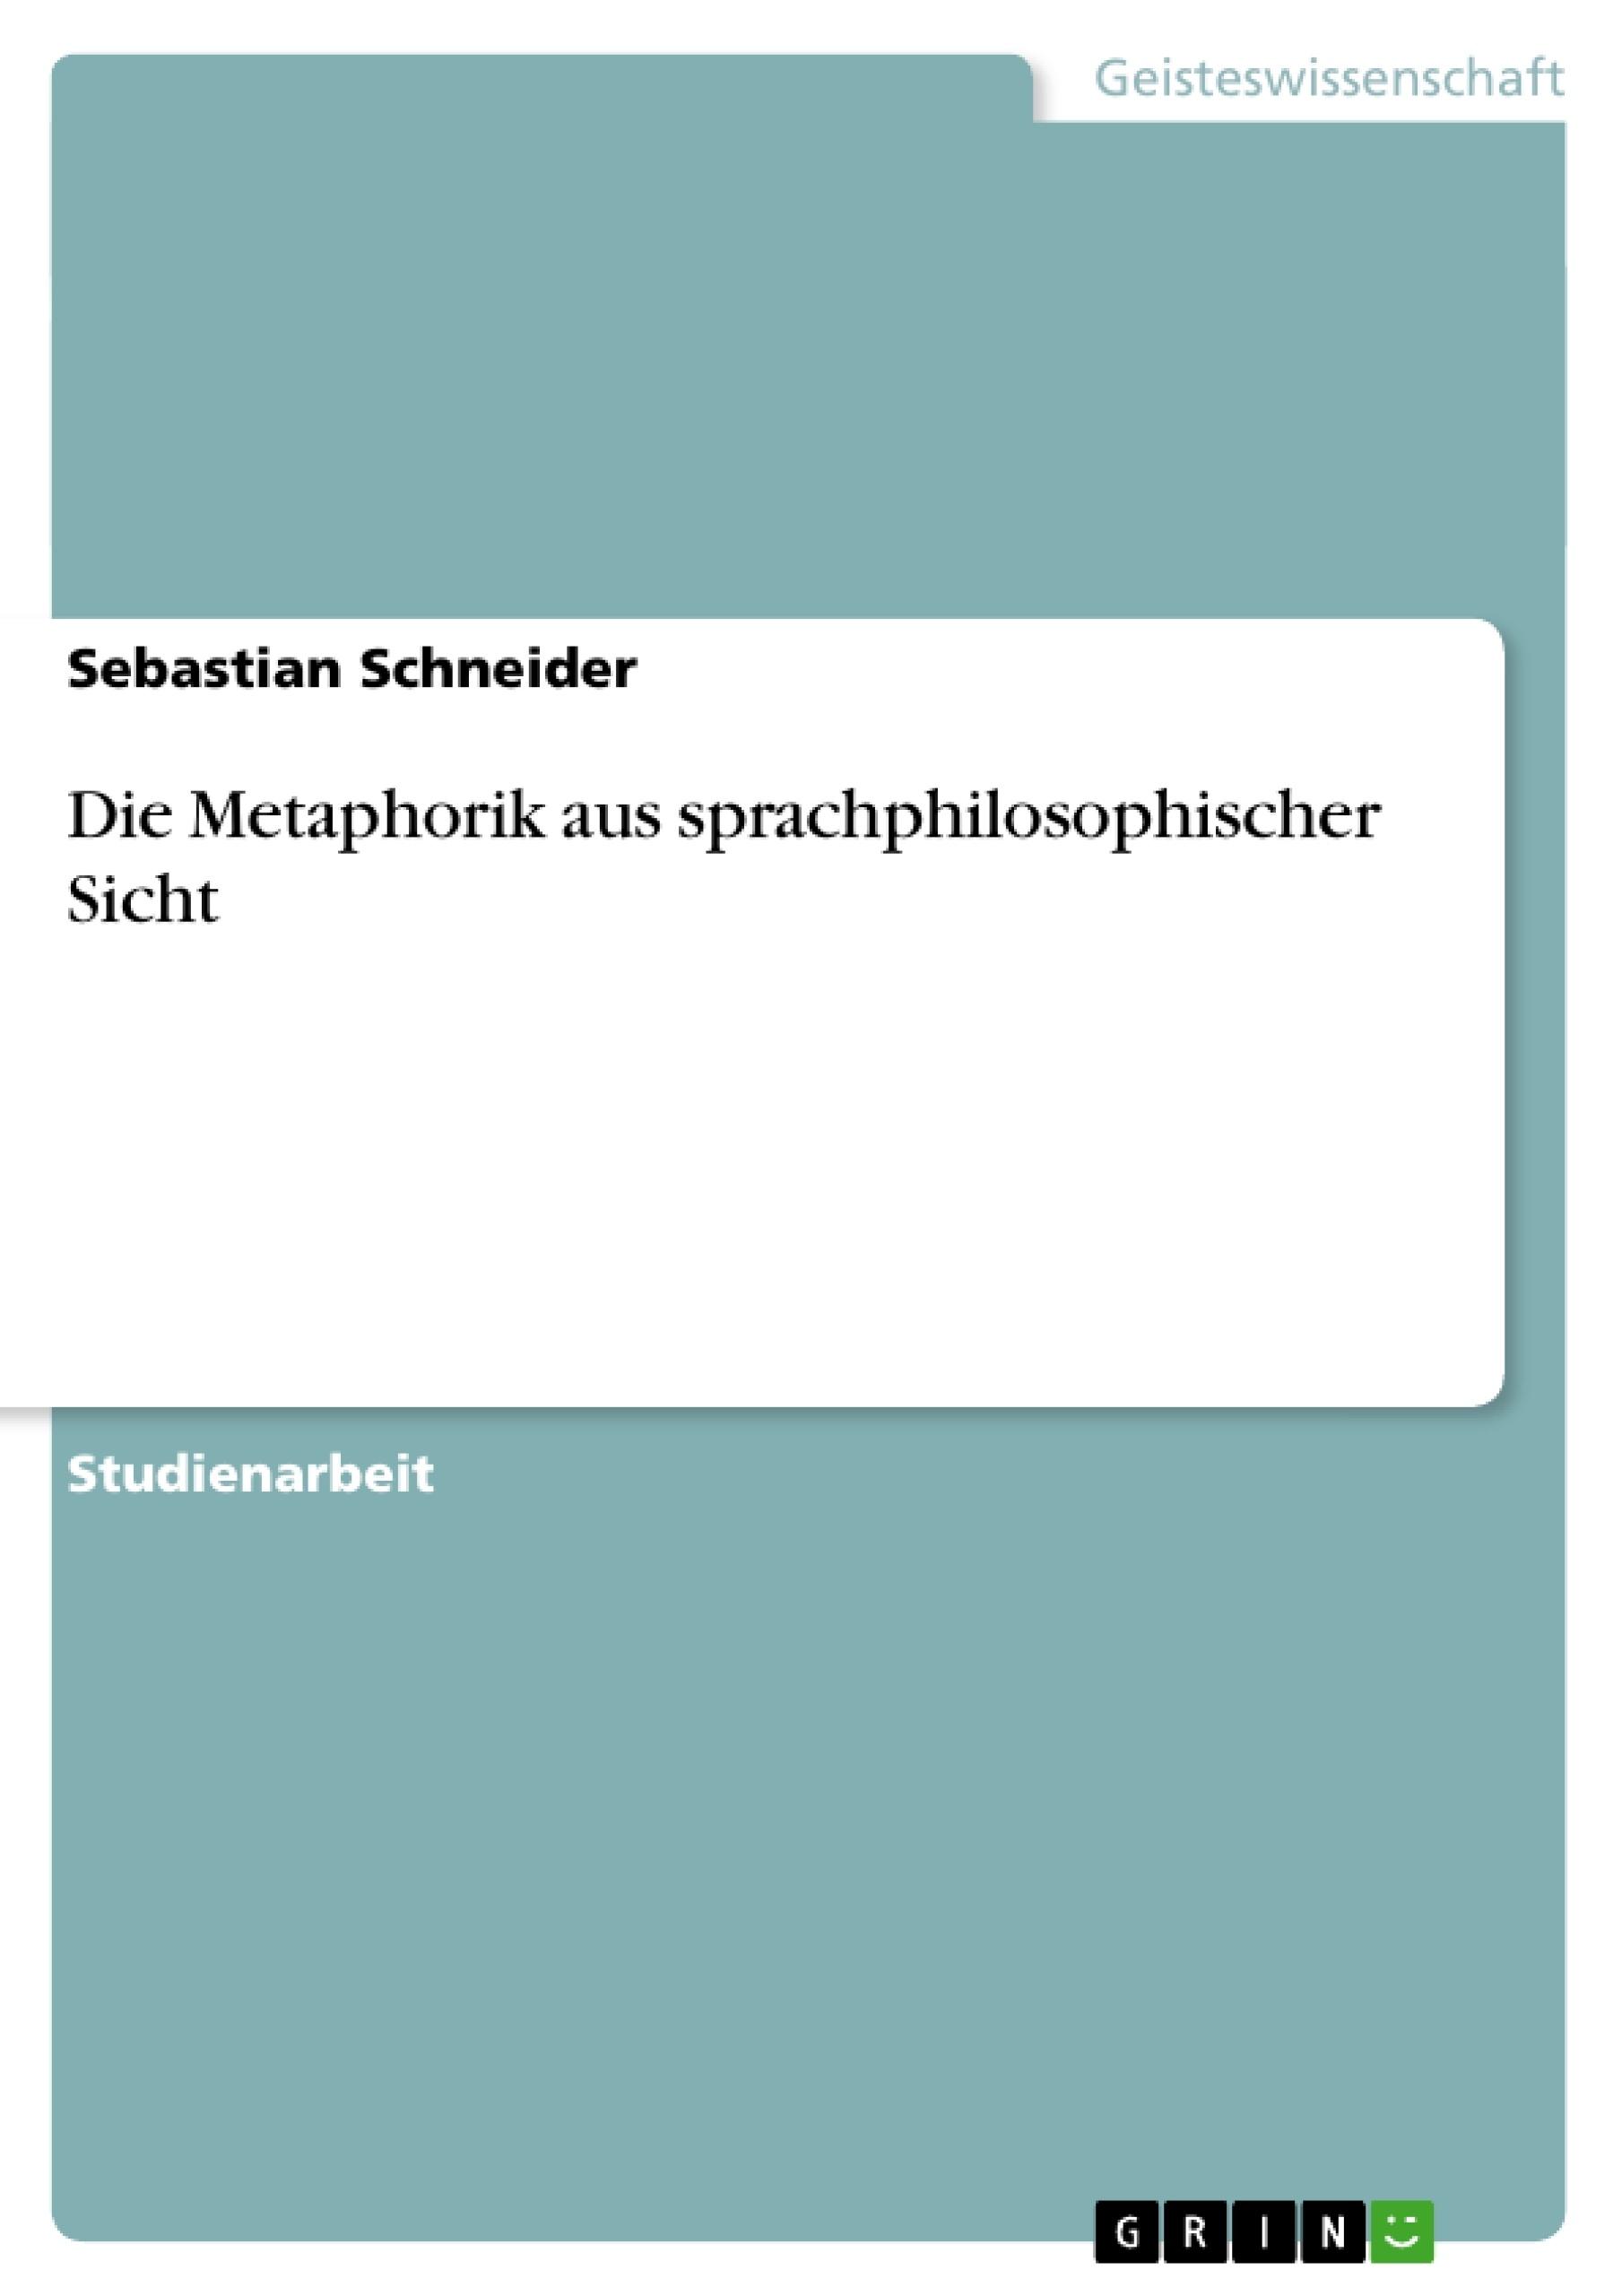 Titel: Die Metaphorik aus sprachphilosophischer Sicht